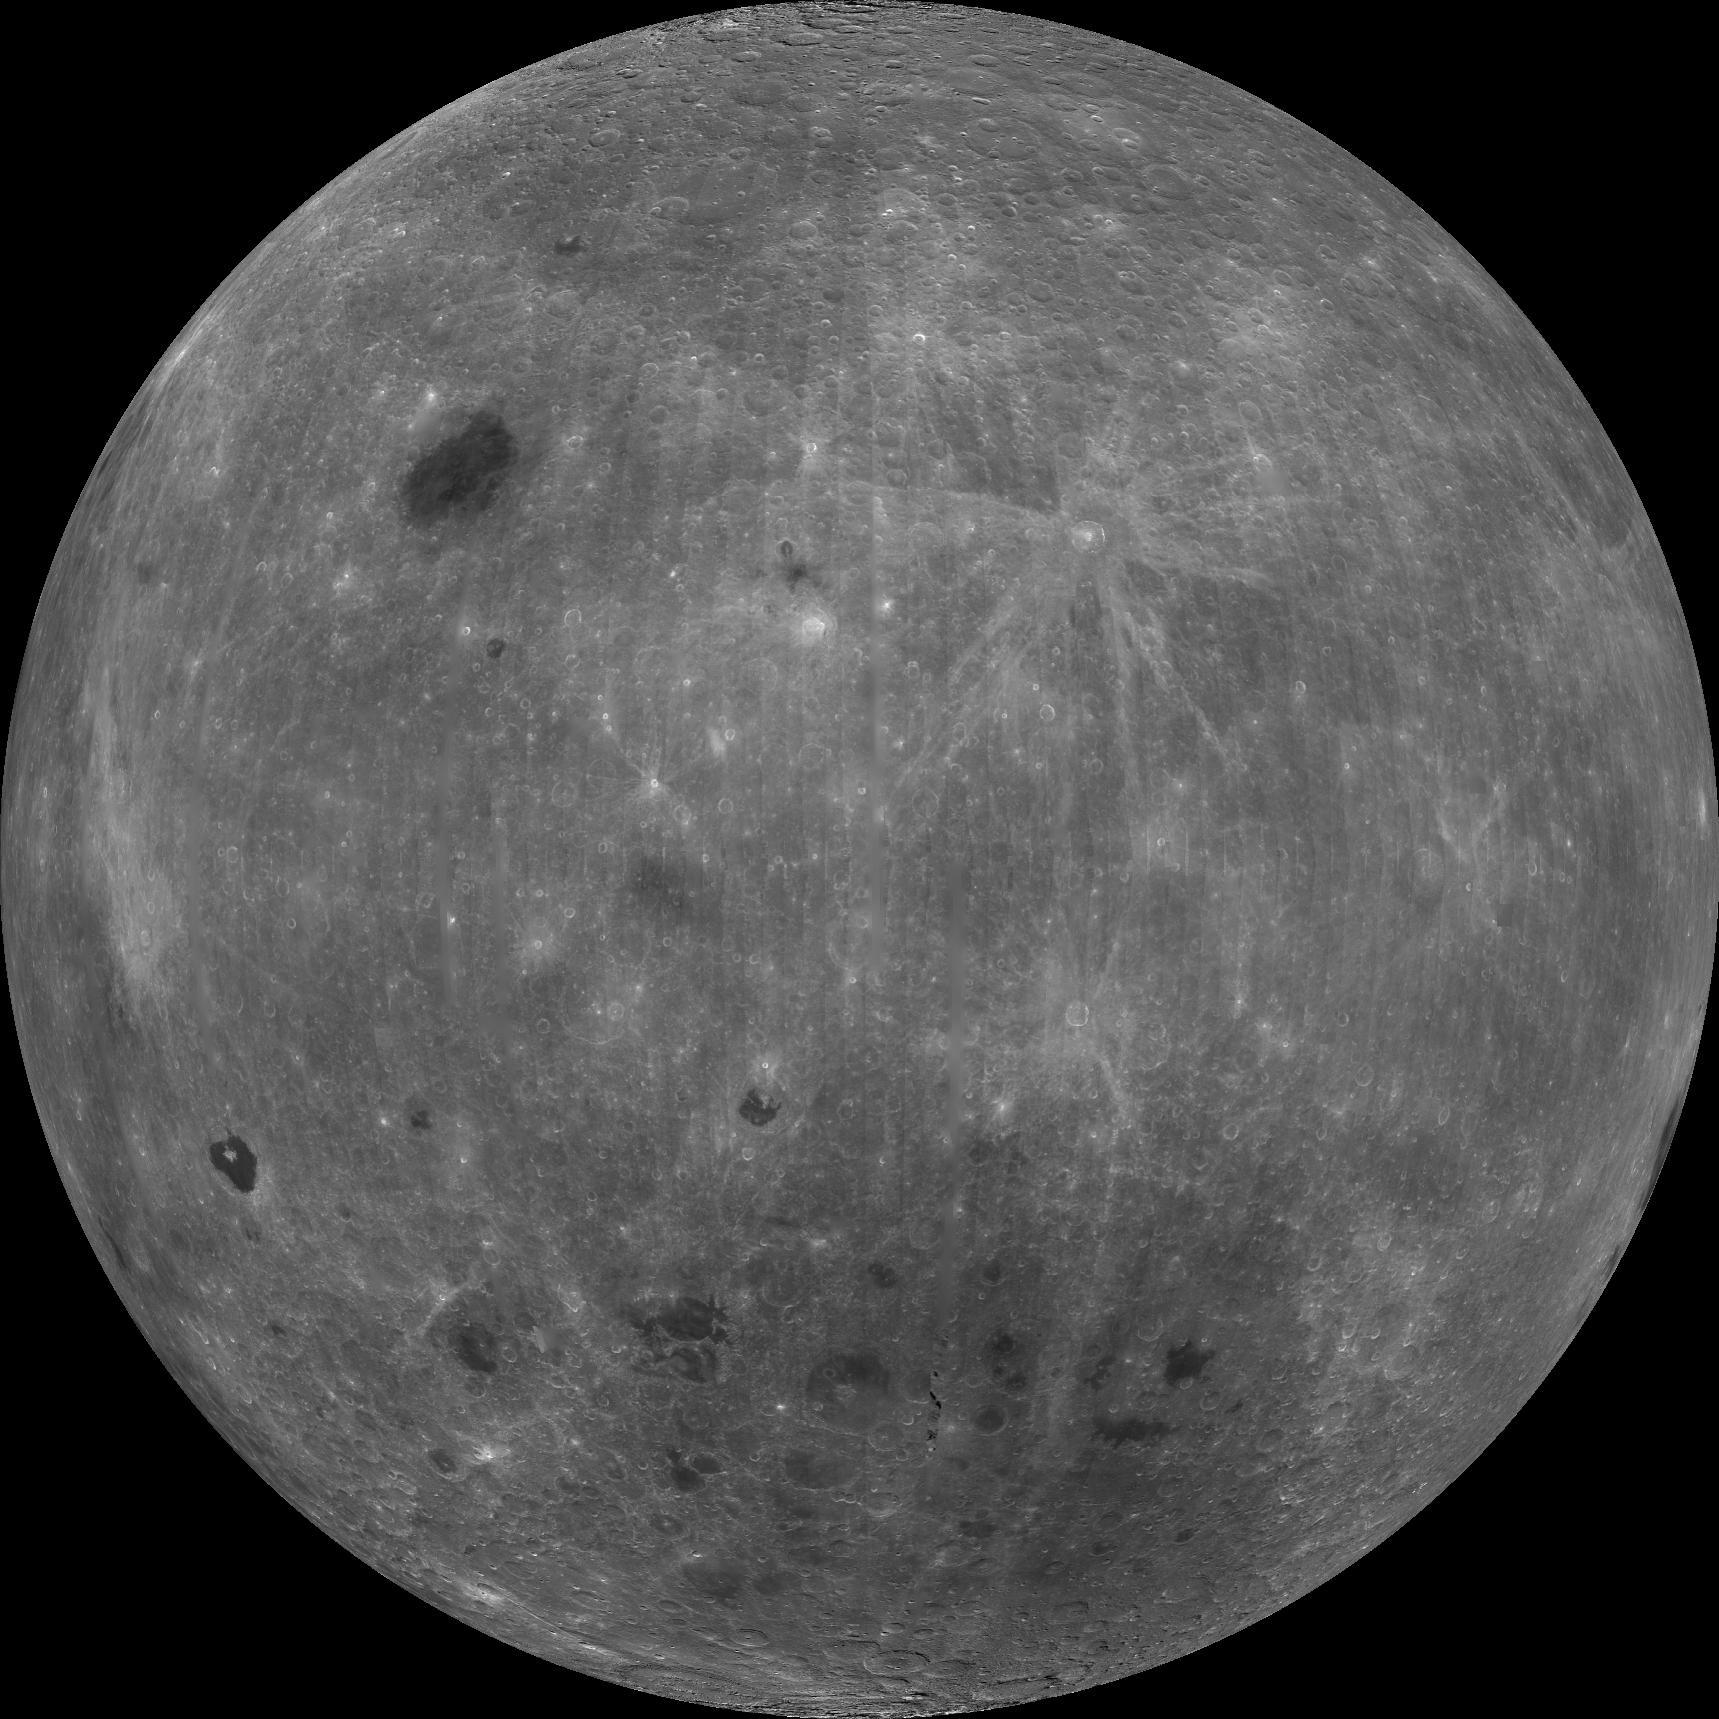 Cratere lunare: nuove importanti informazioni sulla formazione della Luna